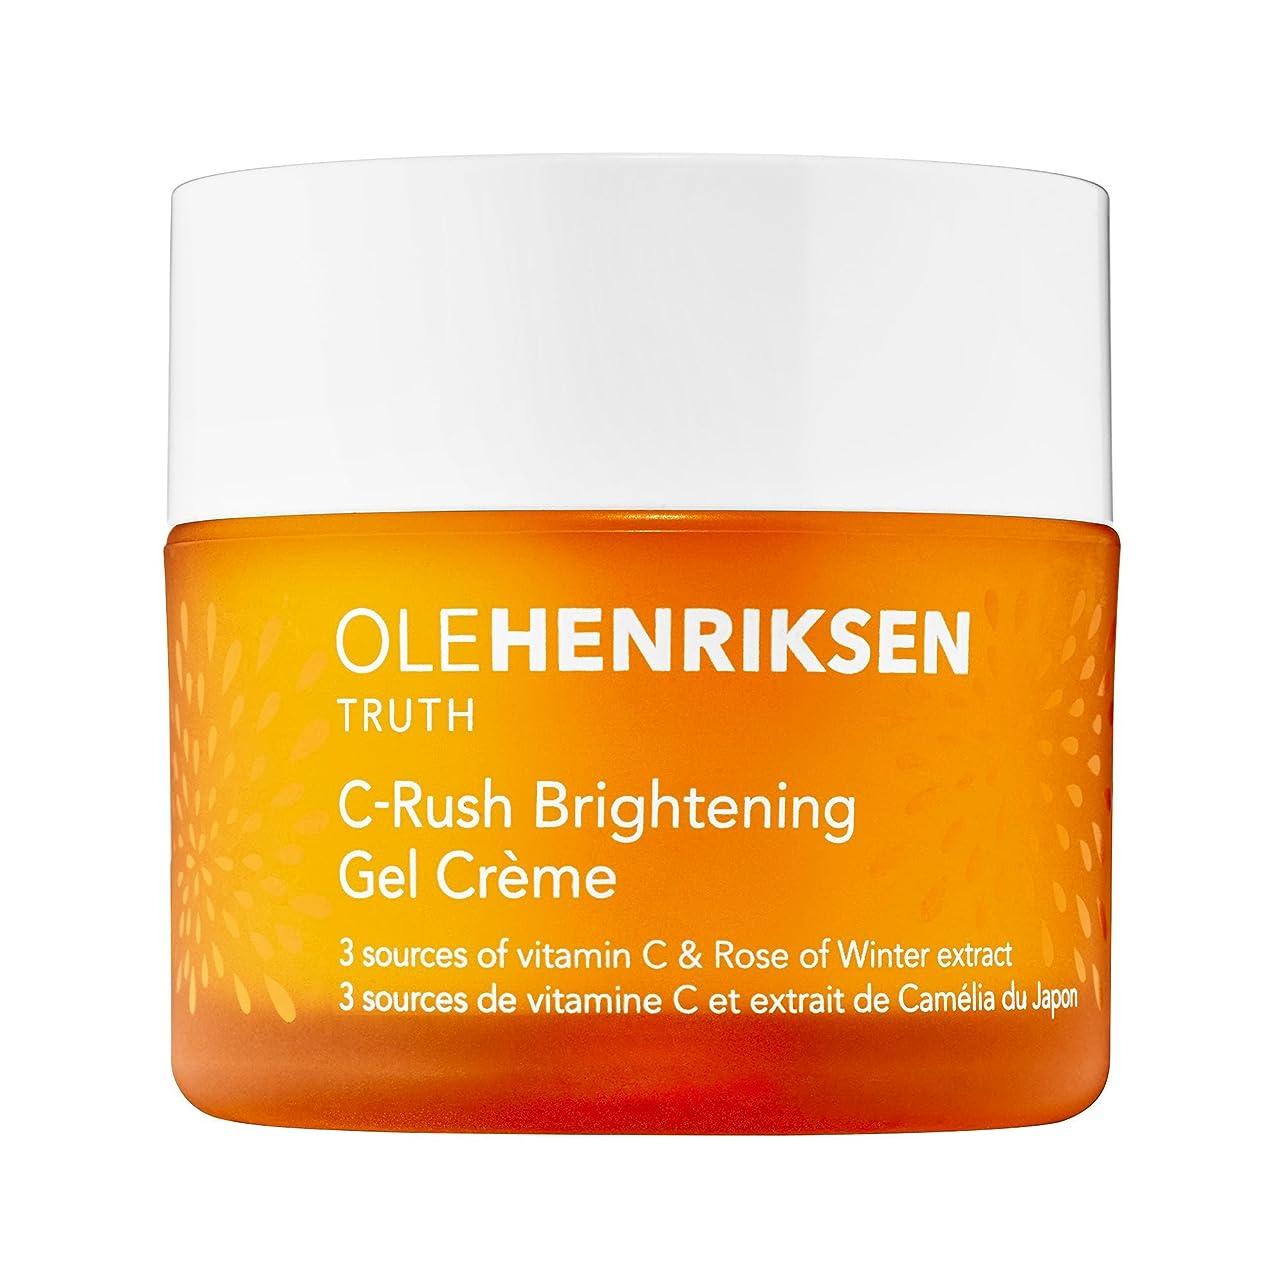 試験バッチ挨拶するOLEHENRIKSEN C-Rush? Vitamin C Gel Moisturizer 1.7 oz/ 50 mL ウラヘンリクセンシー?ラッシュ?ビタミンC?ジェル?モイスチャライザー